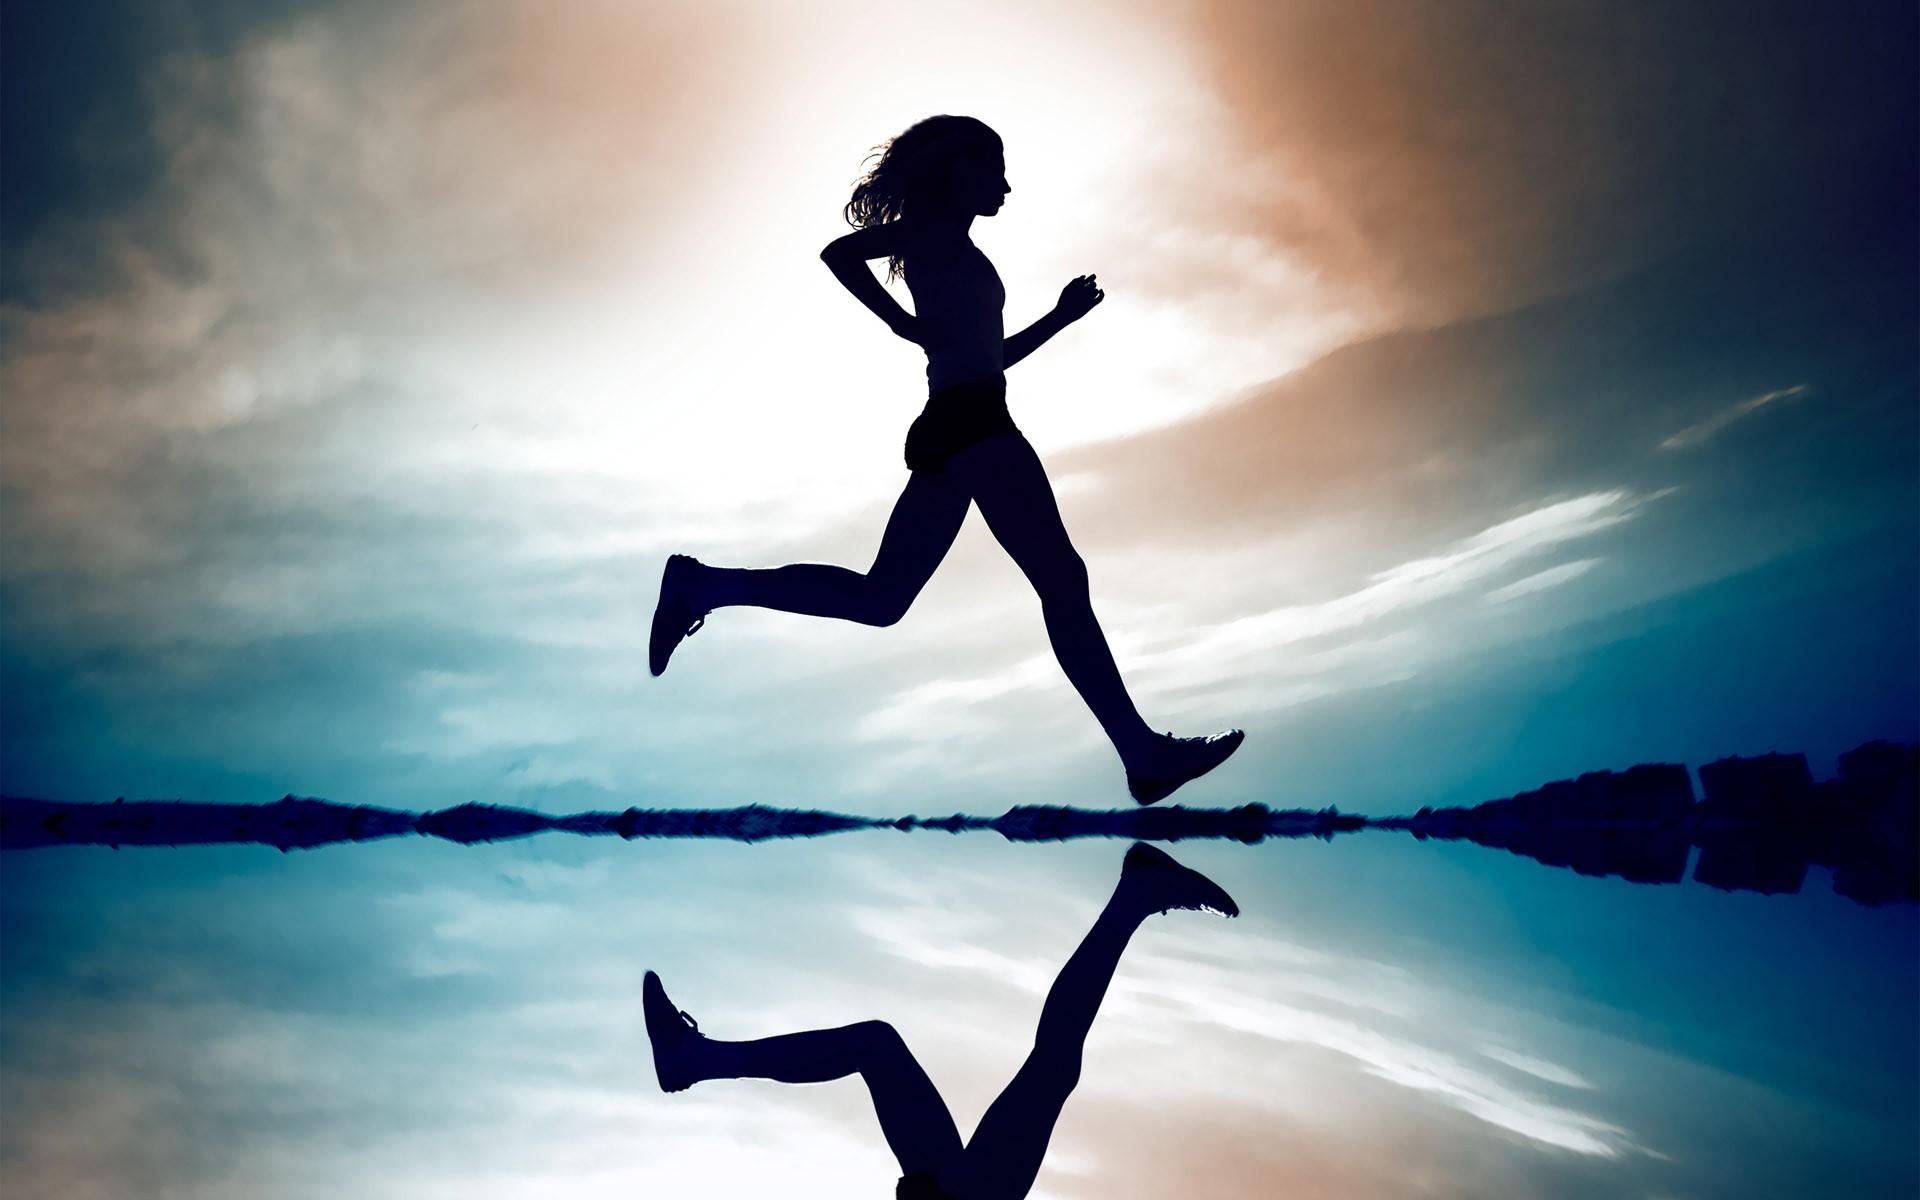 L'activité sportive associée à la baisse de nombreux cancers fréquents